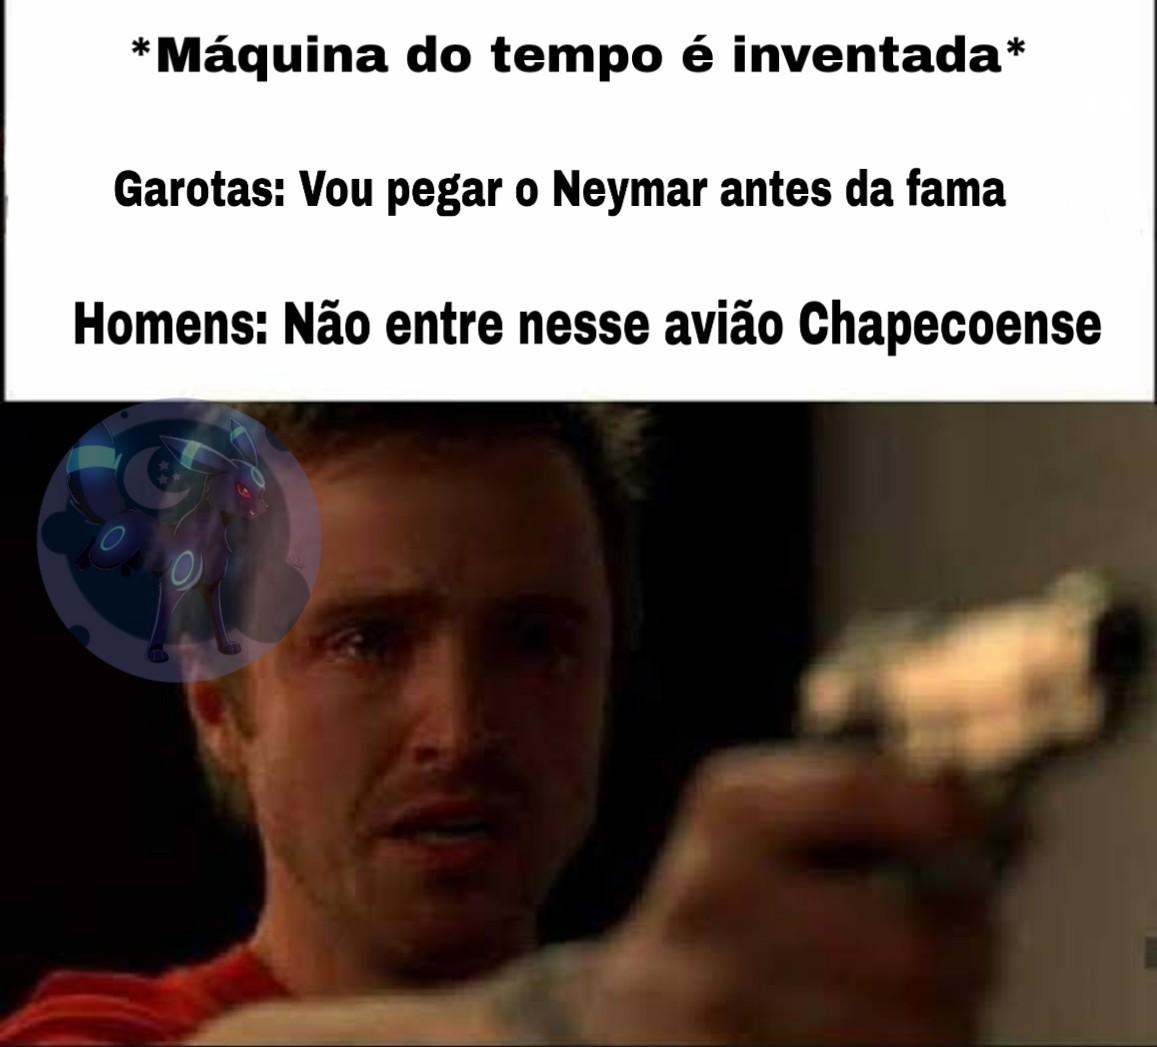 F chape - meme